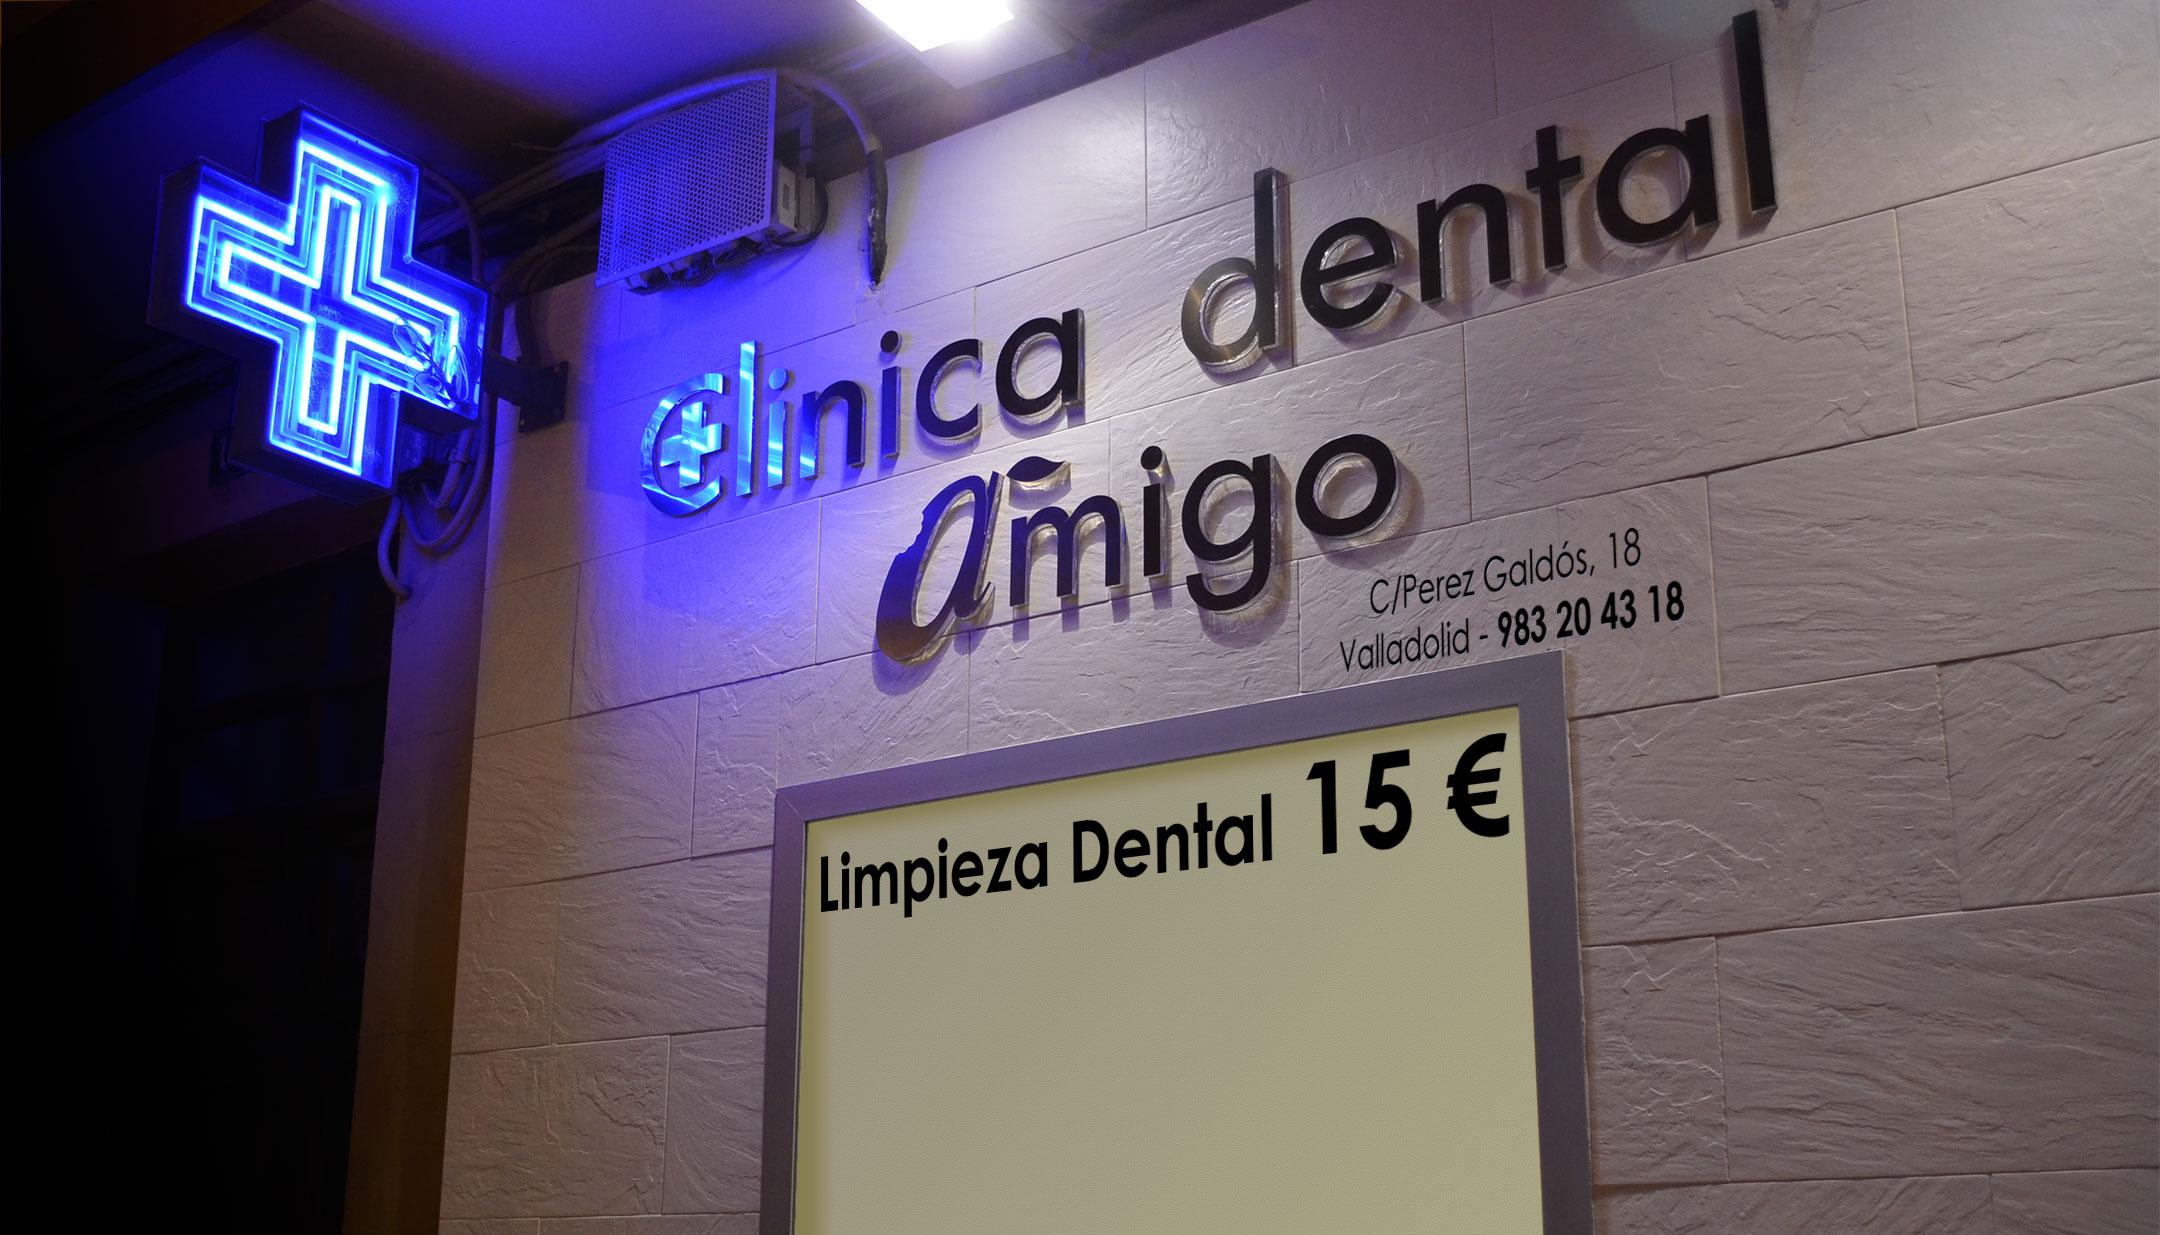 Promocion Limpieza Dental 15 euros